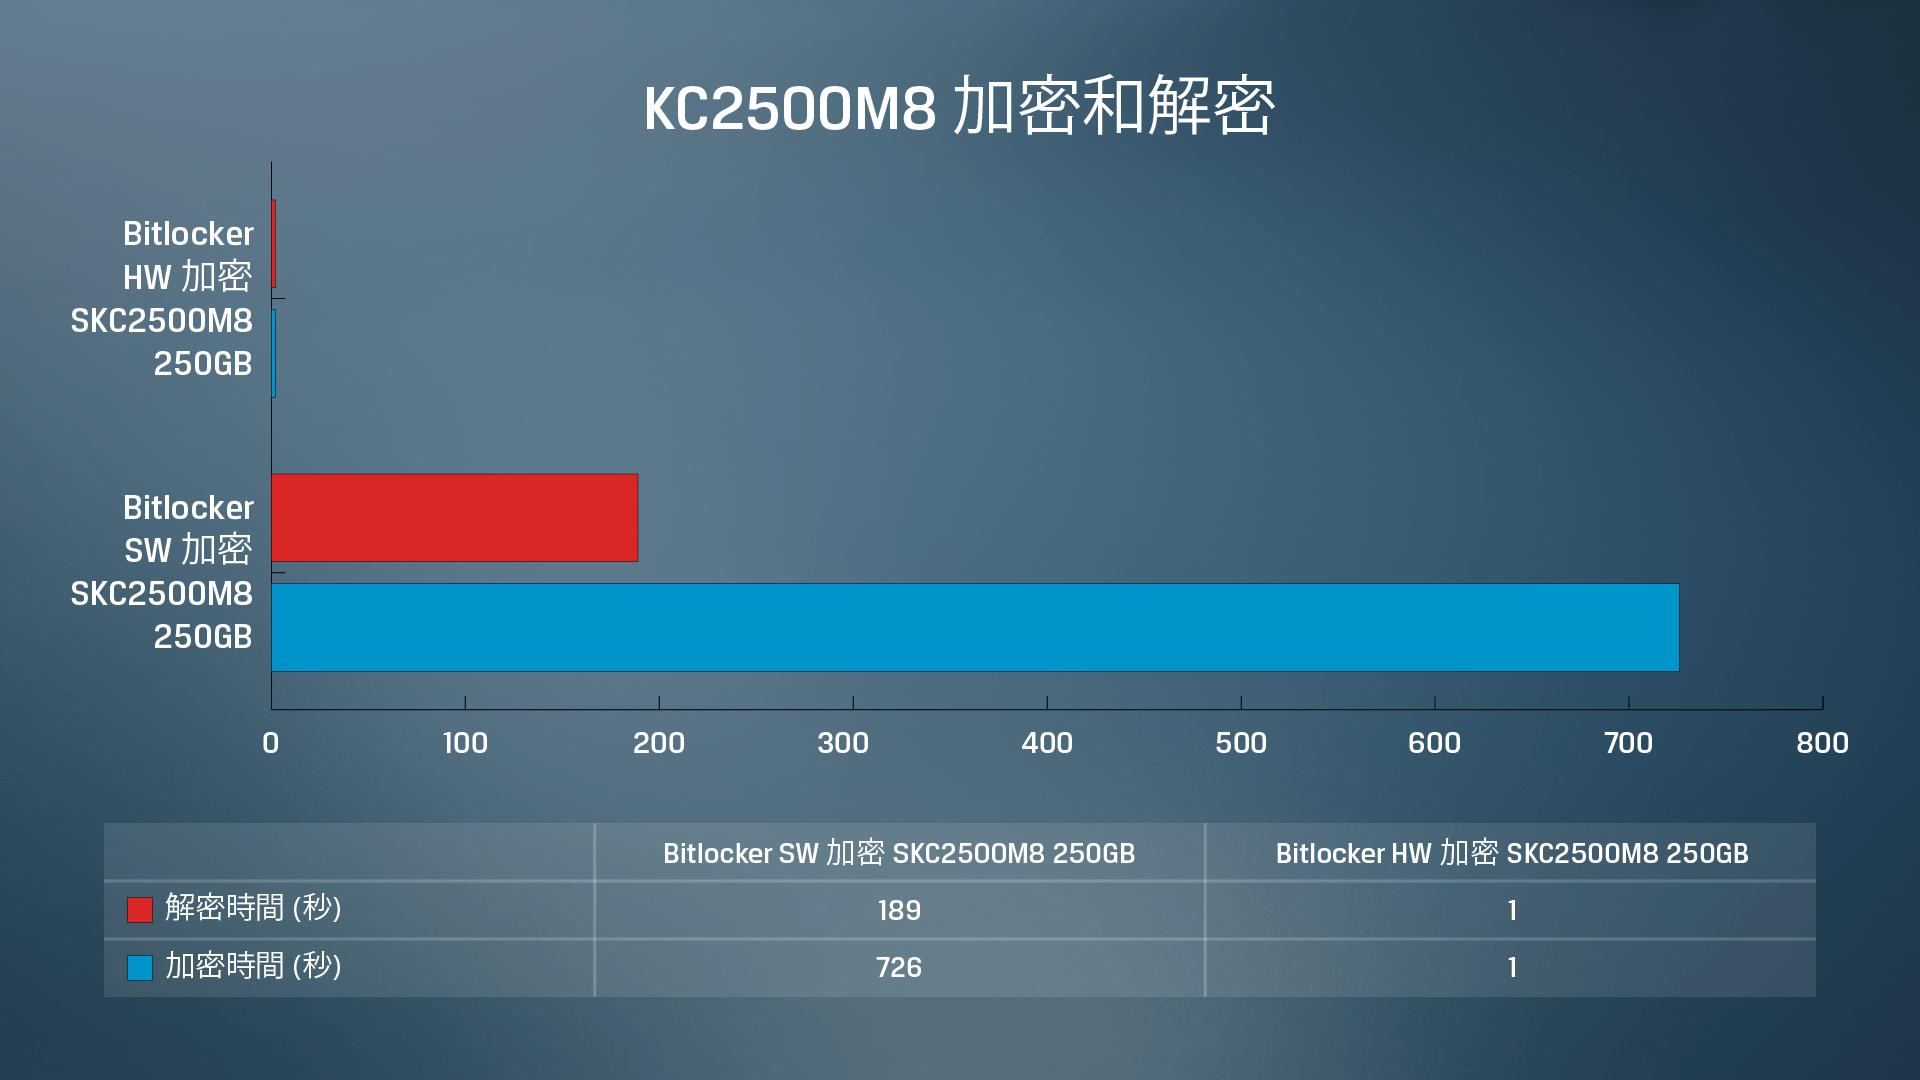 Kingston KC2500 SSD 軟體式加密與硬體式加密/解密數據測試結果